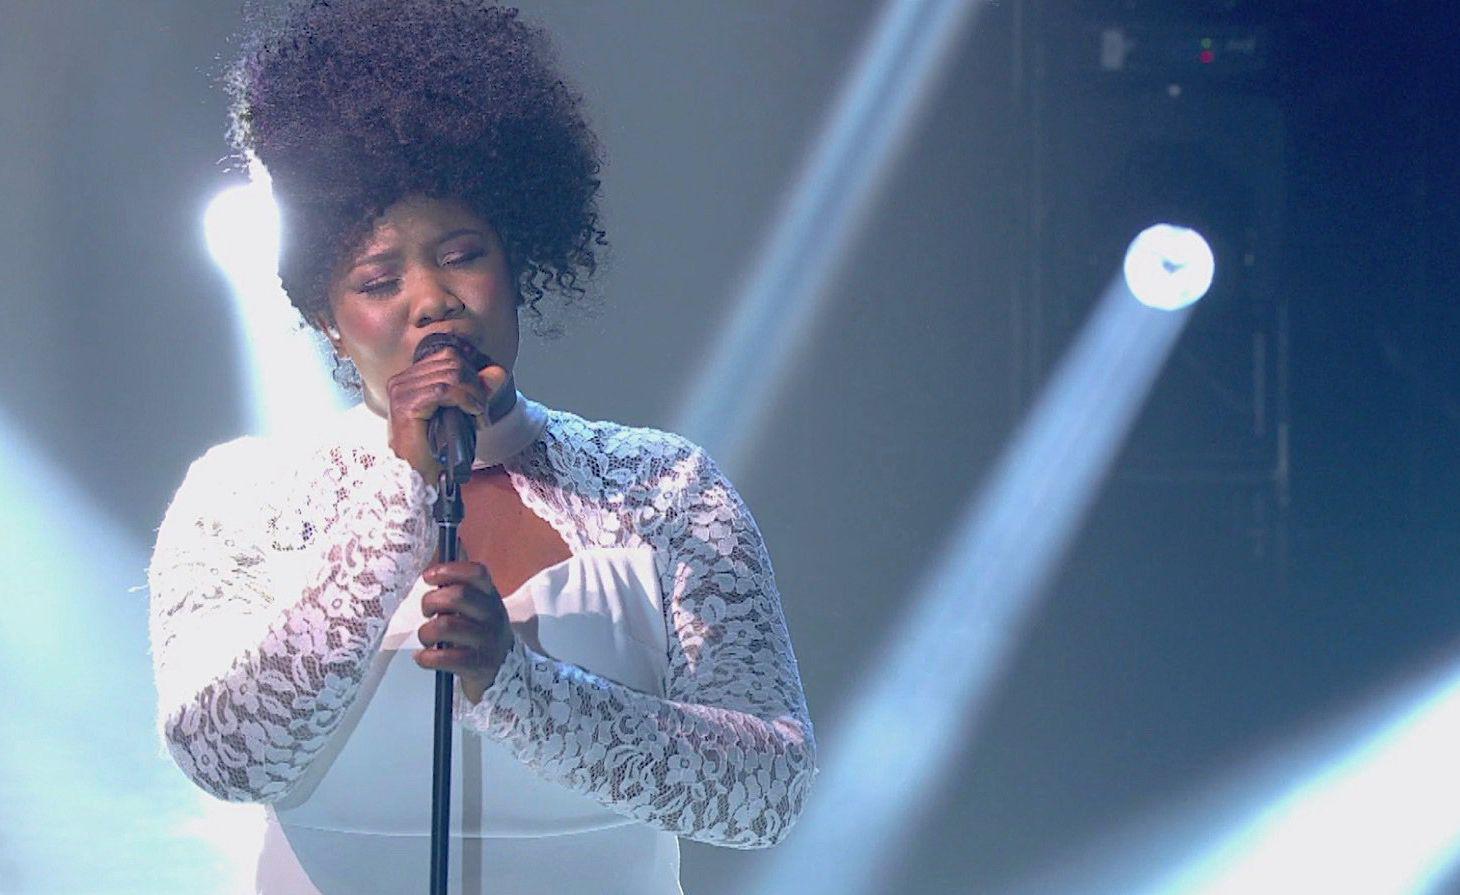 Yama Laurent lors d'une prestation au concours La Voix/ Photo: Showbizznet